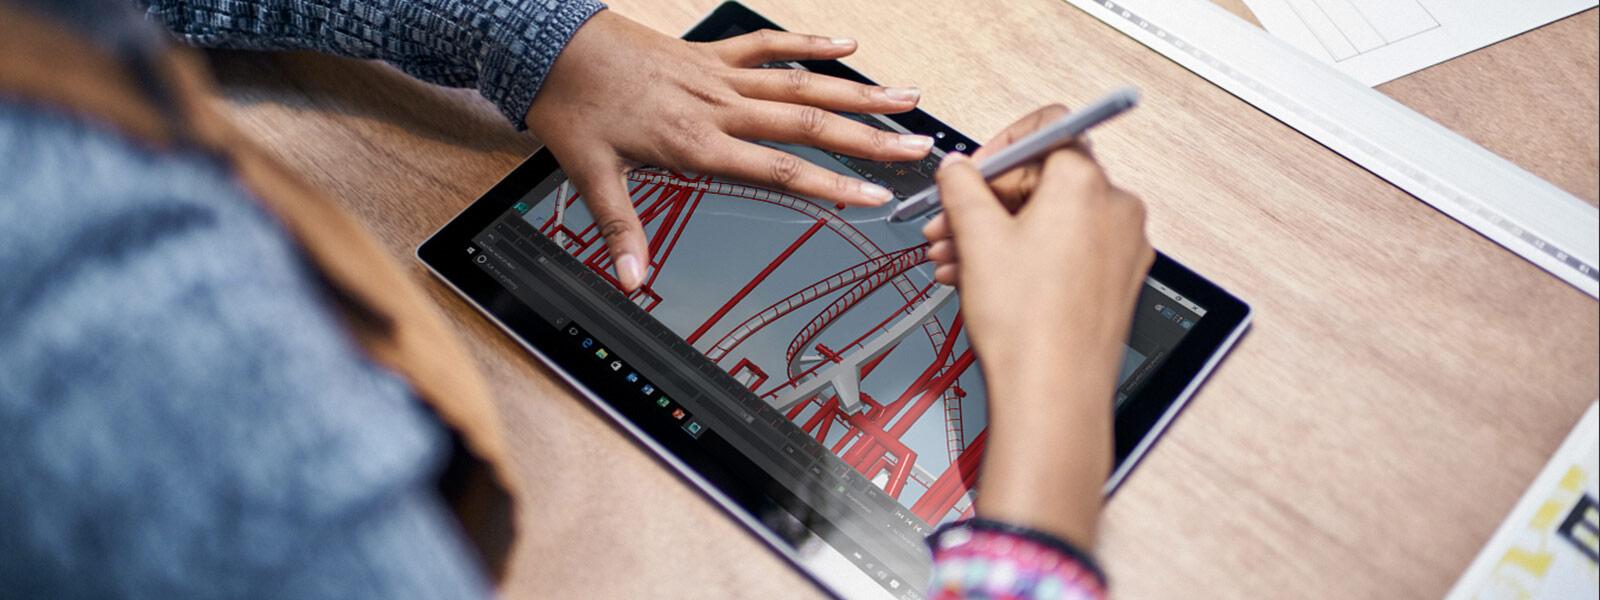 Immagine di una studentessa che utilizza la Penna per Surface per scrivere sul suo dispositivo Surface.